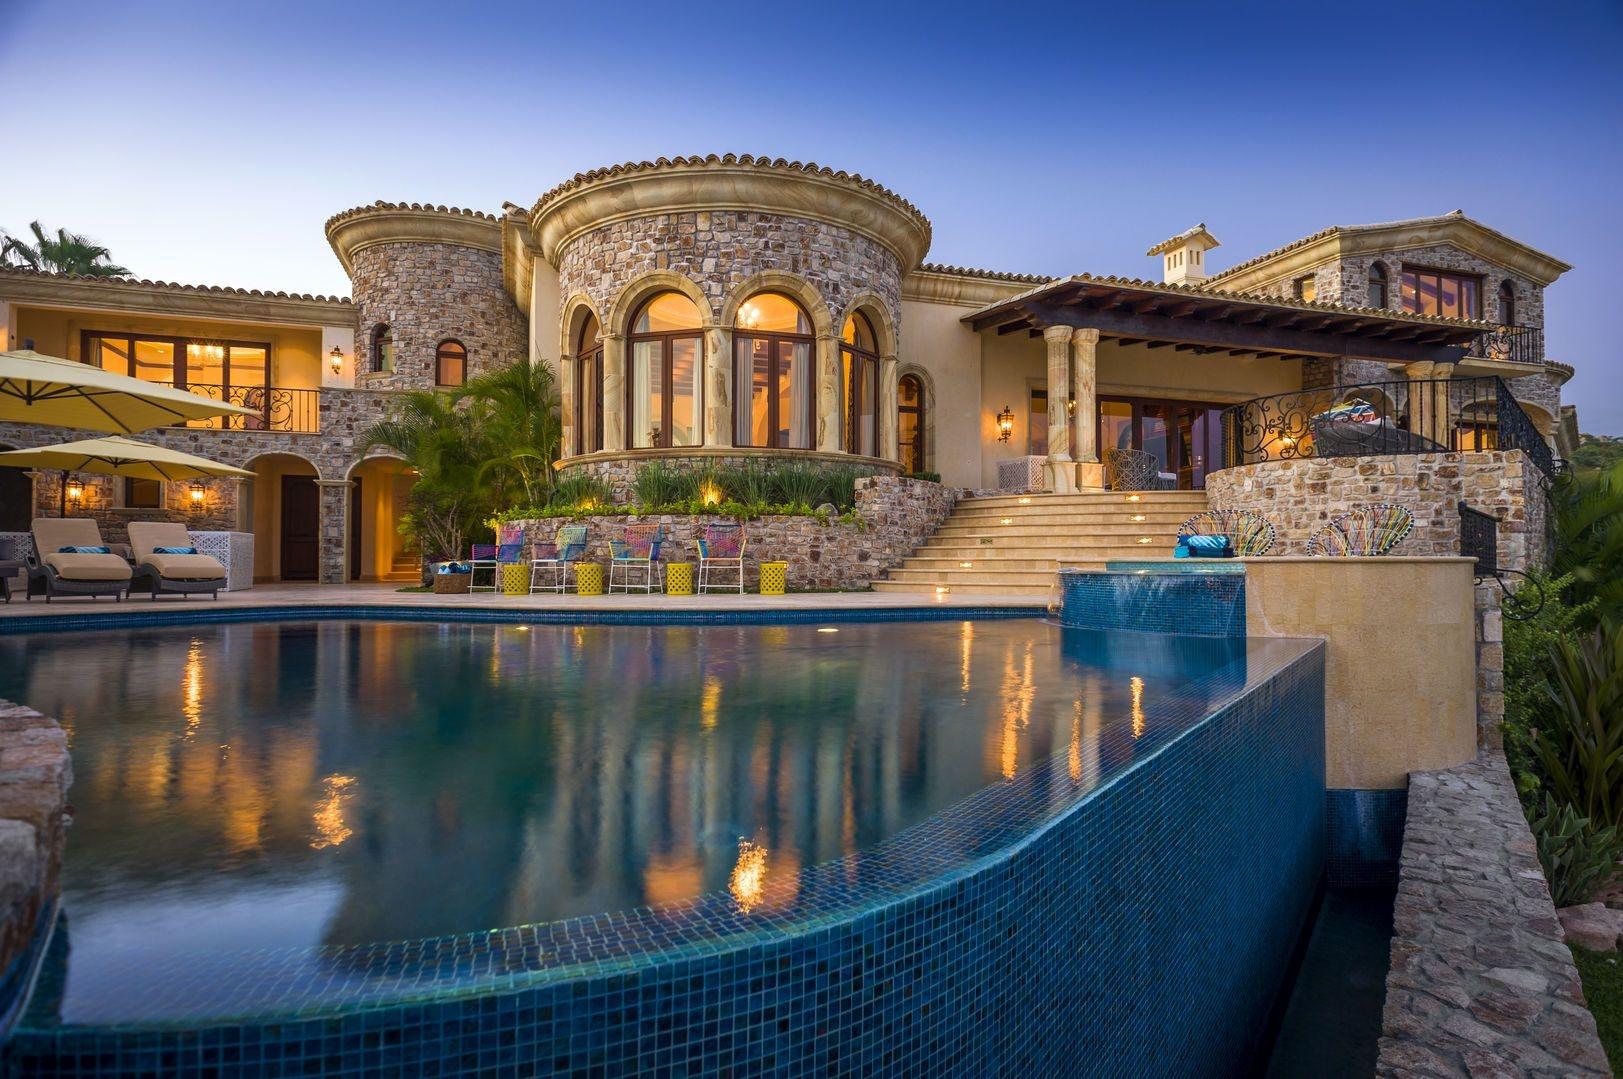 Luxury vacation rentals mexico - Los cabos - San jose del cabo - Puerto los cabos - Villa Bella Laura - Image 1/25